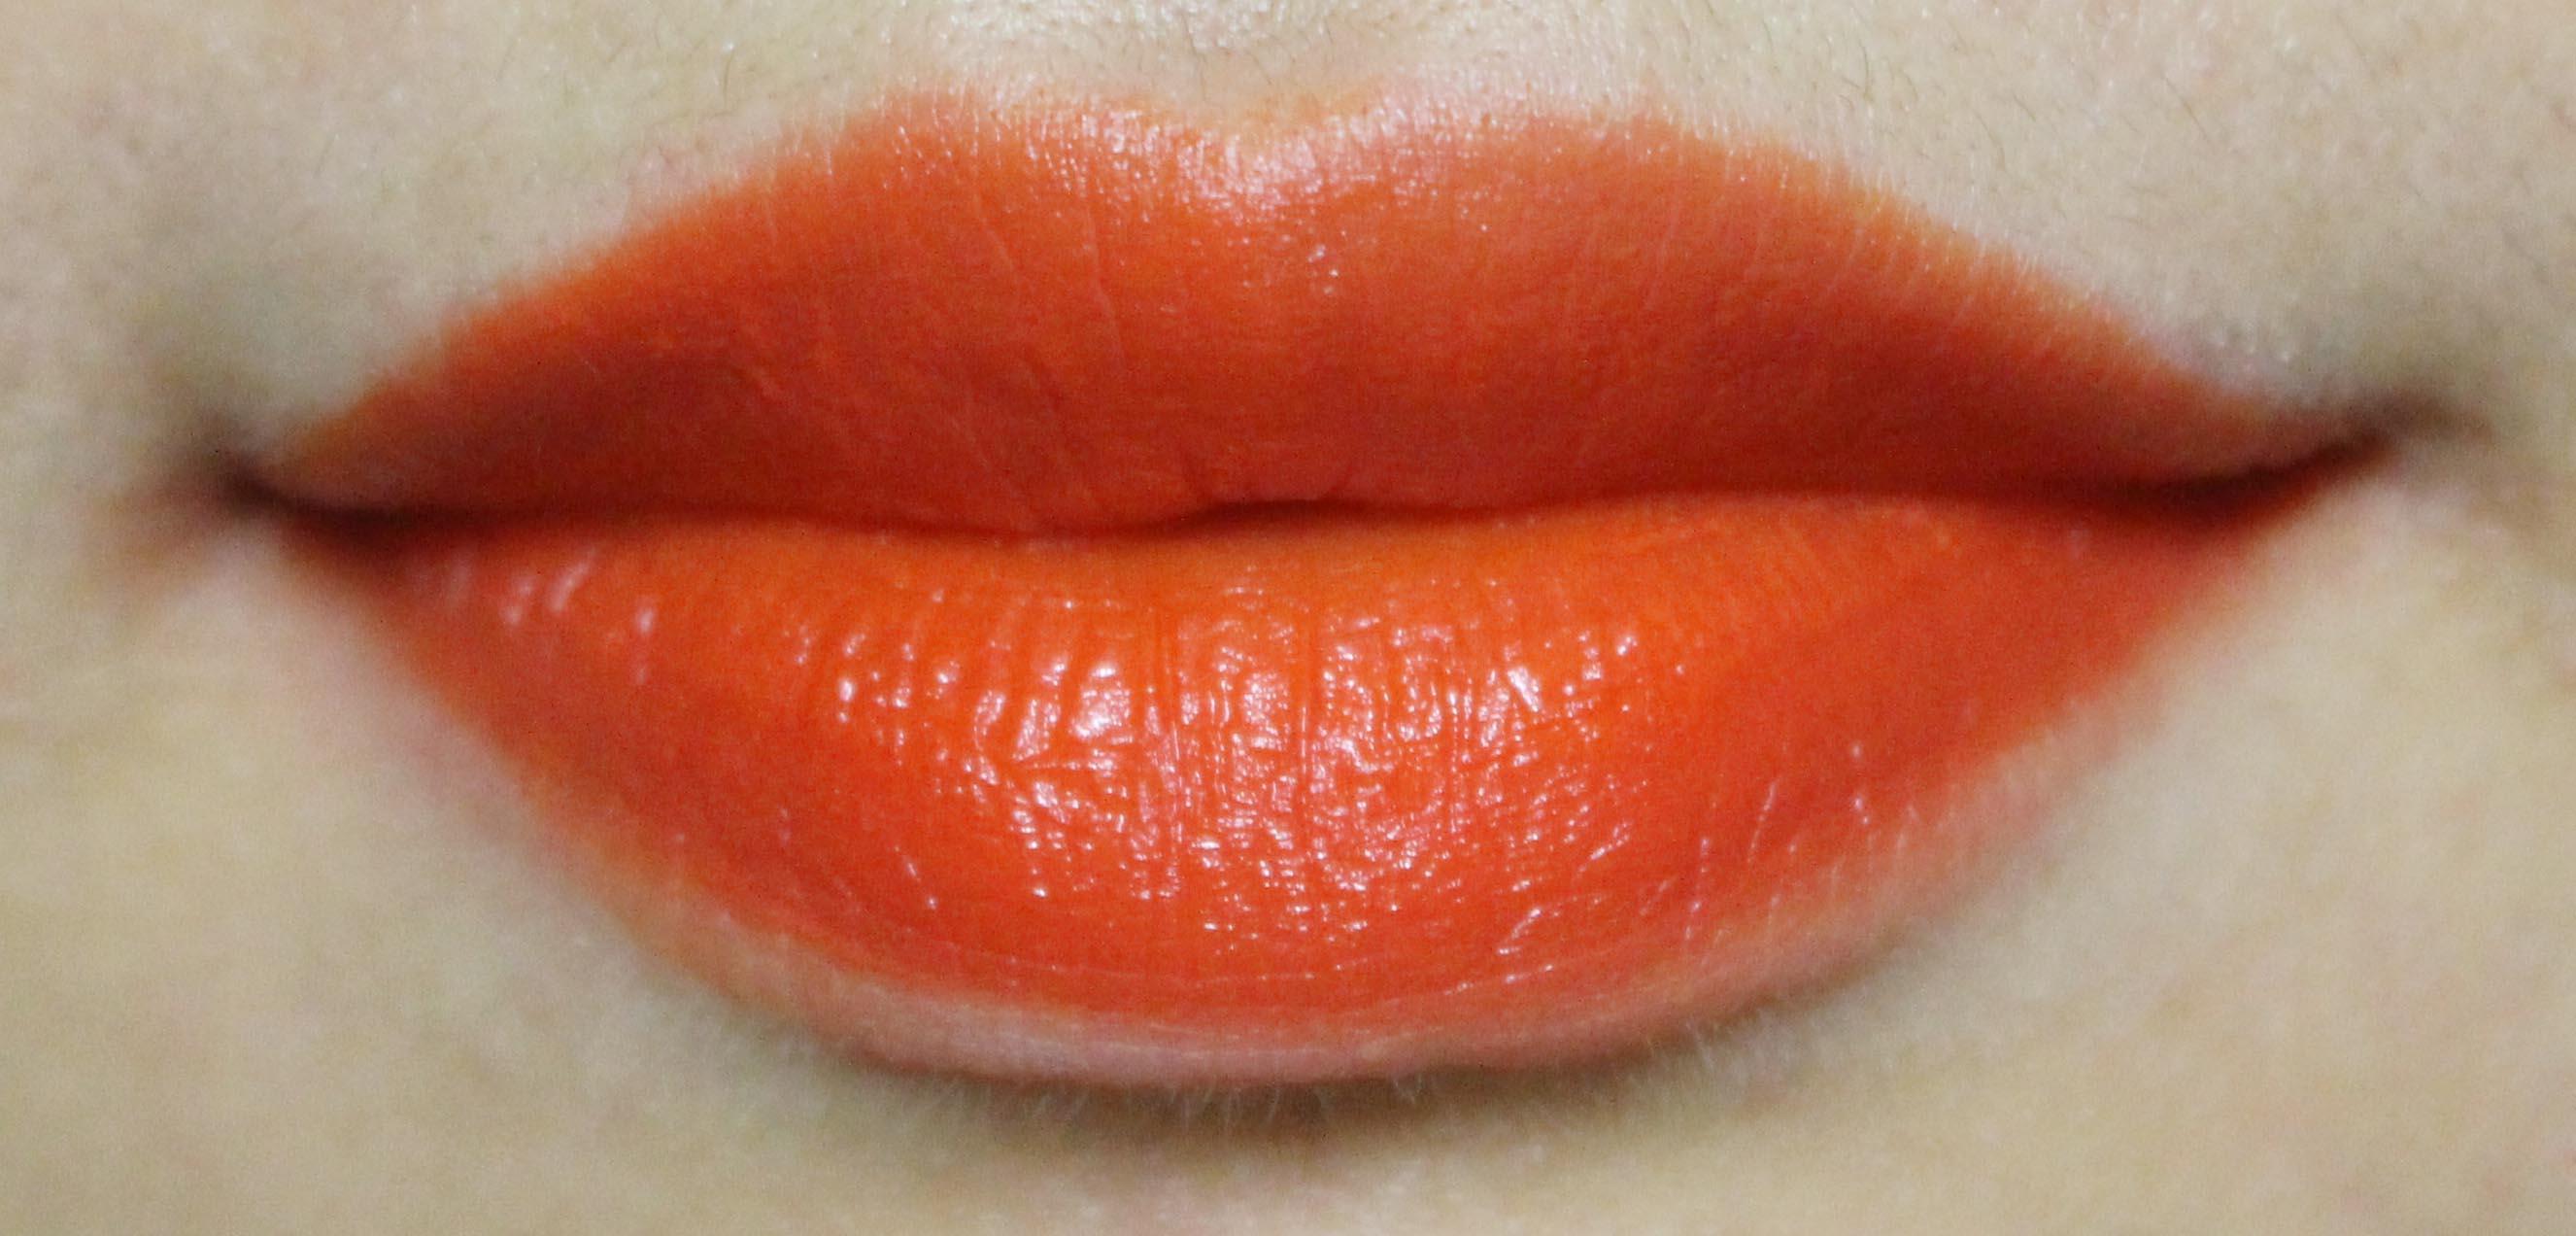 오렌지 립에 대한 고찰. 내가 립 발색만 올리는 이유.